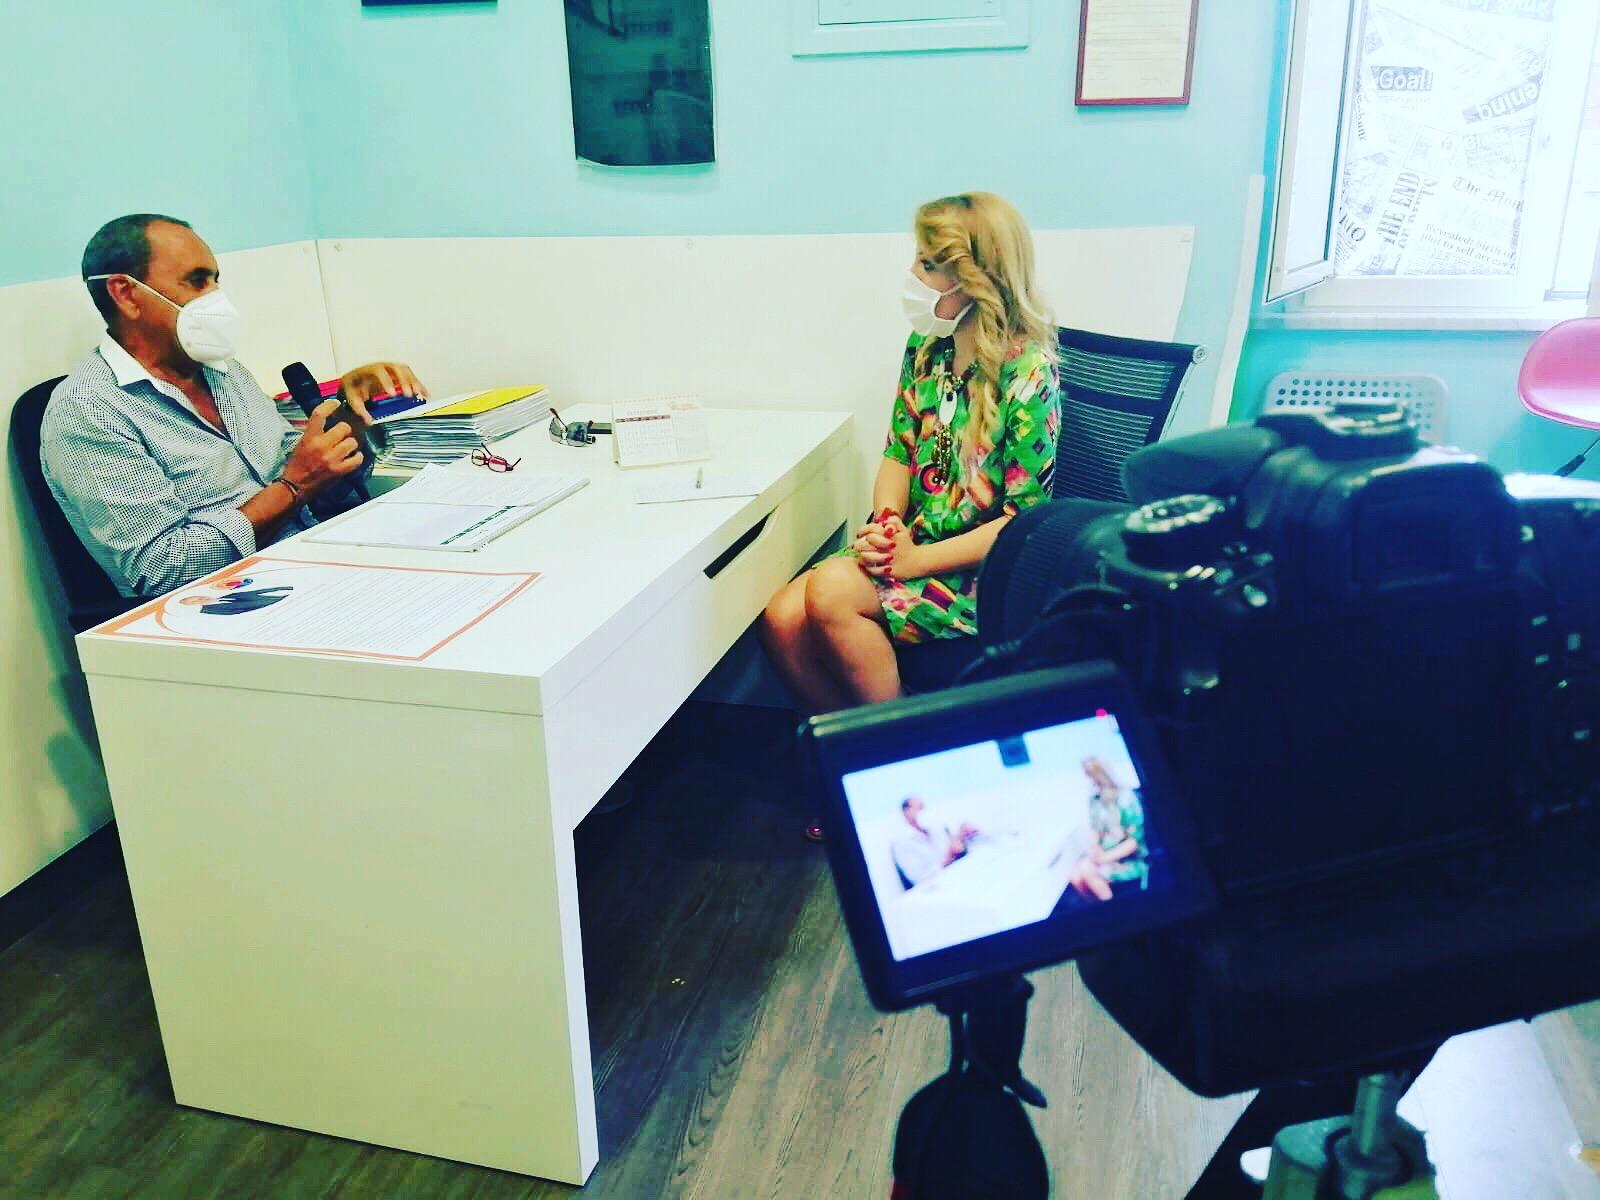 Intervista – Pomigliano d'Arco al voto: scende in campo il presidente del Centro Isomusicale, Saverio Antignani